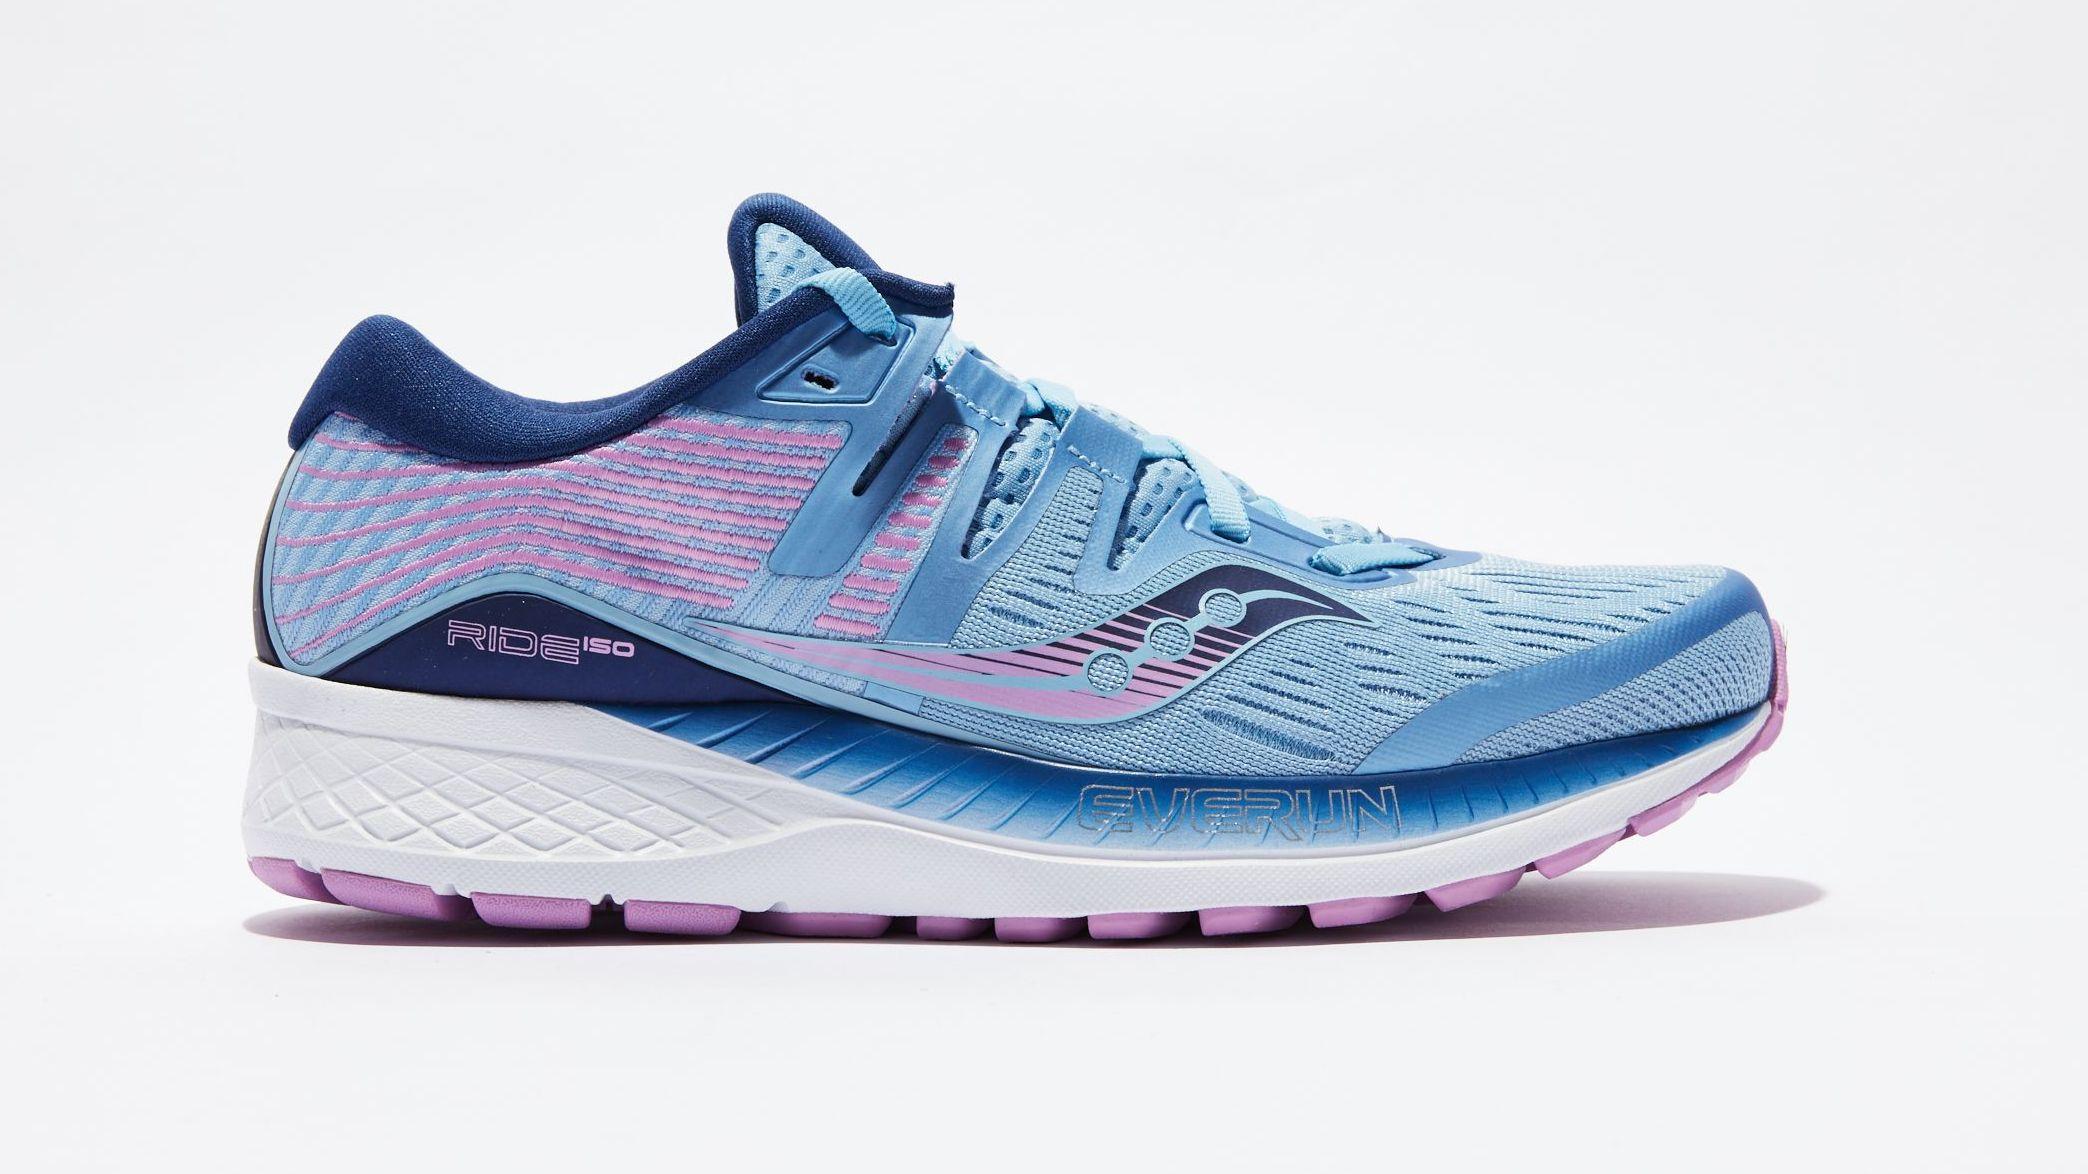 468d4de5 Best Running Shoes for Women | Women's Running Shoes 2019